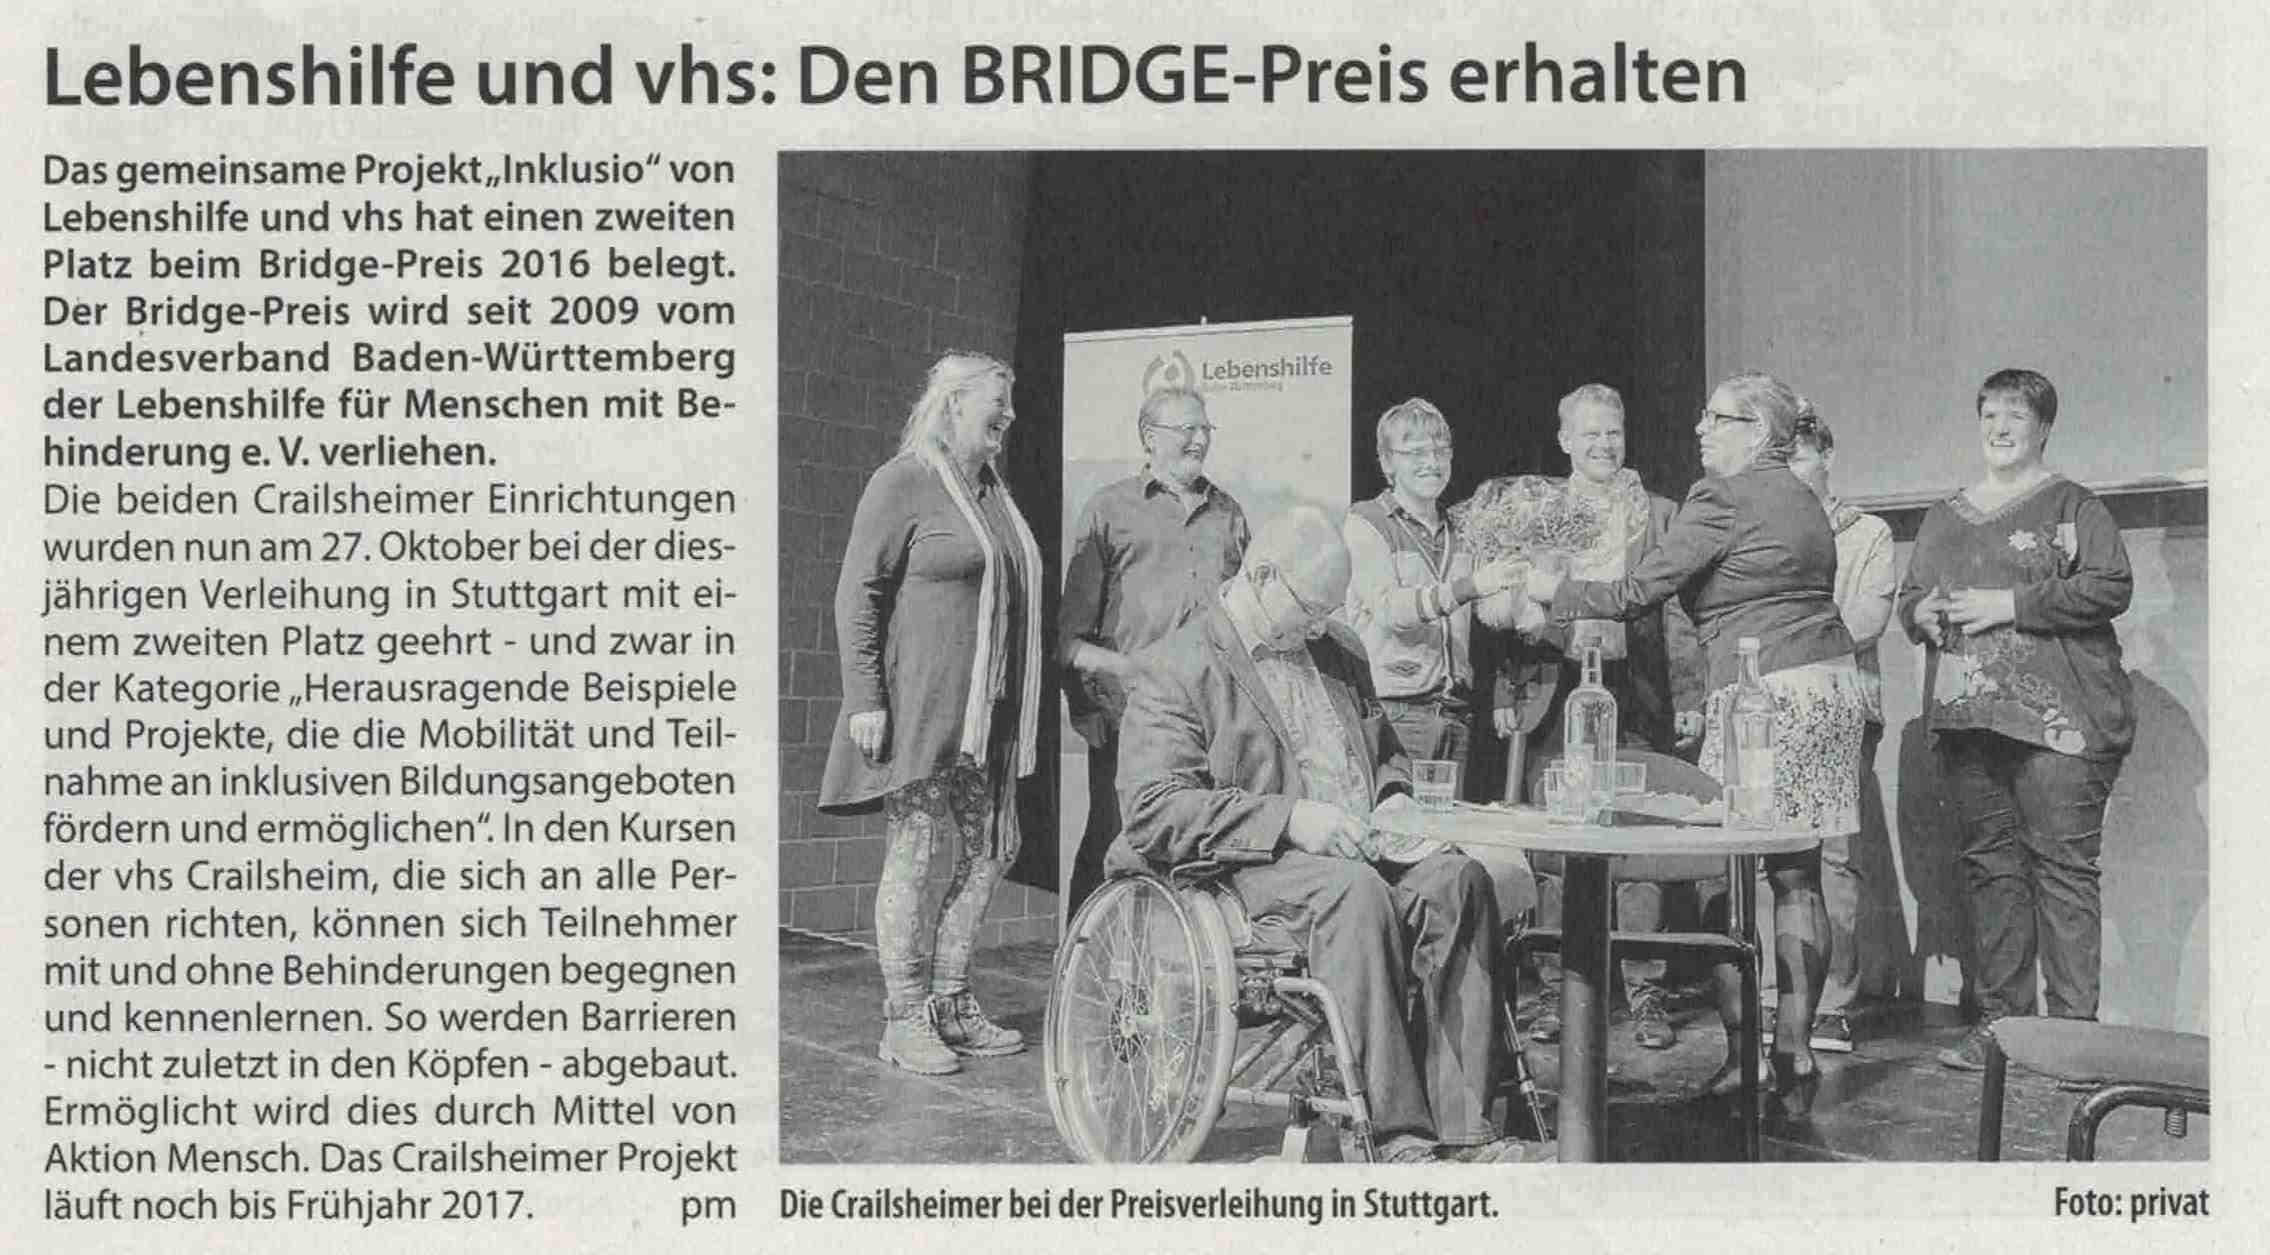 Bridgepreis 2016-1.jpg - 173.59 KB